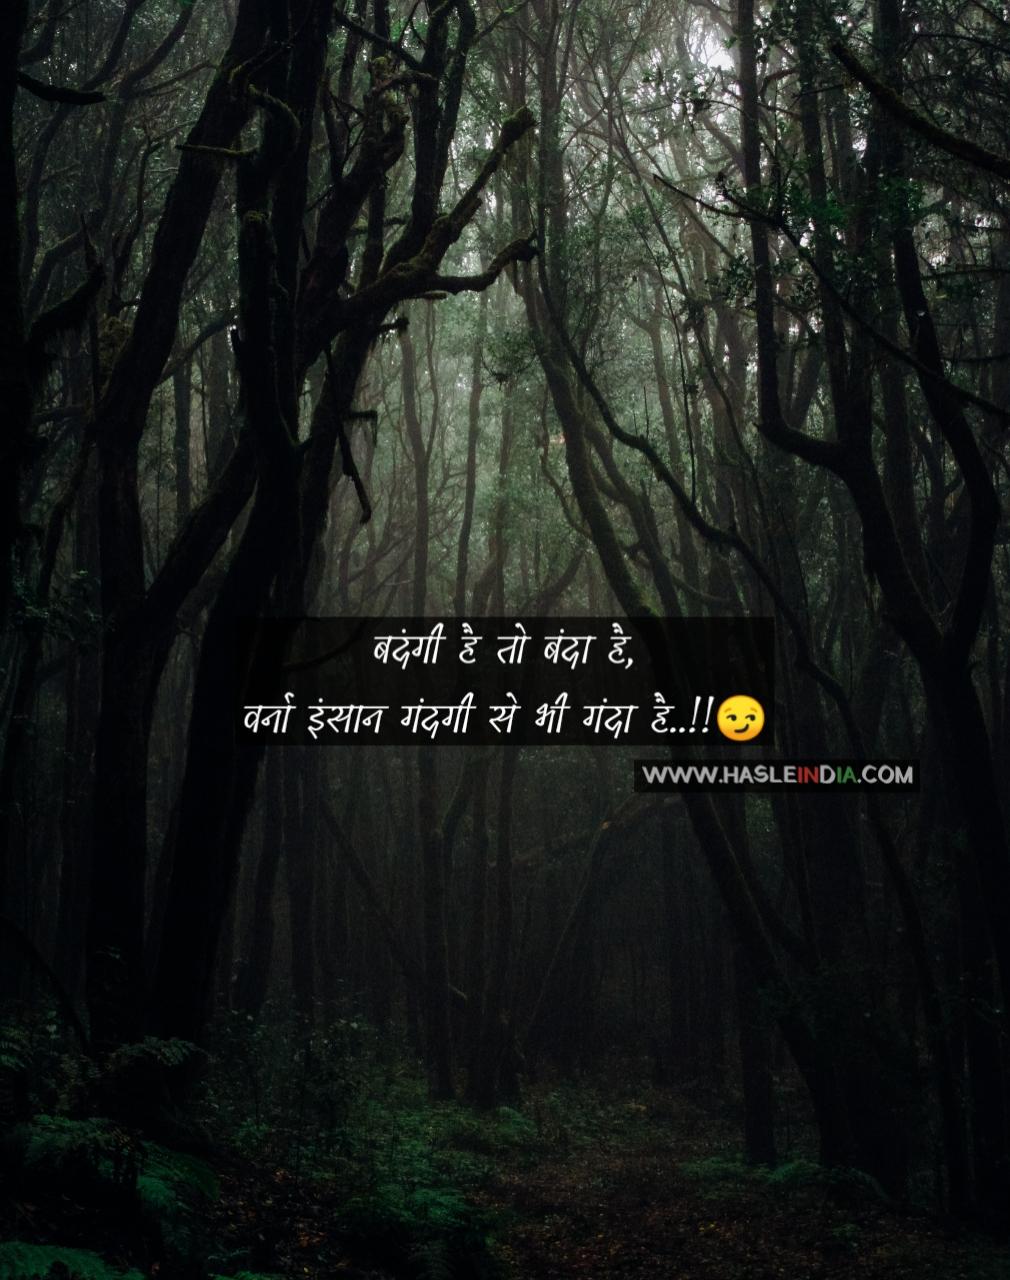 suvichar, good quotes in hindi, hindi suvichar, Gyan Ki Baatein, Anmol Vachan in Hindi, Best Thoughts in Hindi, Good Suvichar in Hindi, Hindi Motivational Quotes for Facebook, Satya Vachan Quotes in Hindi,